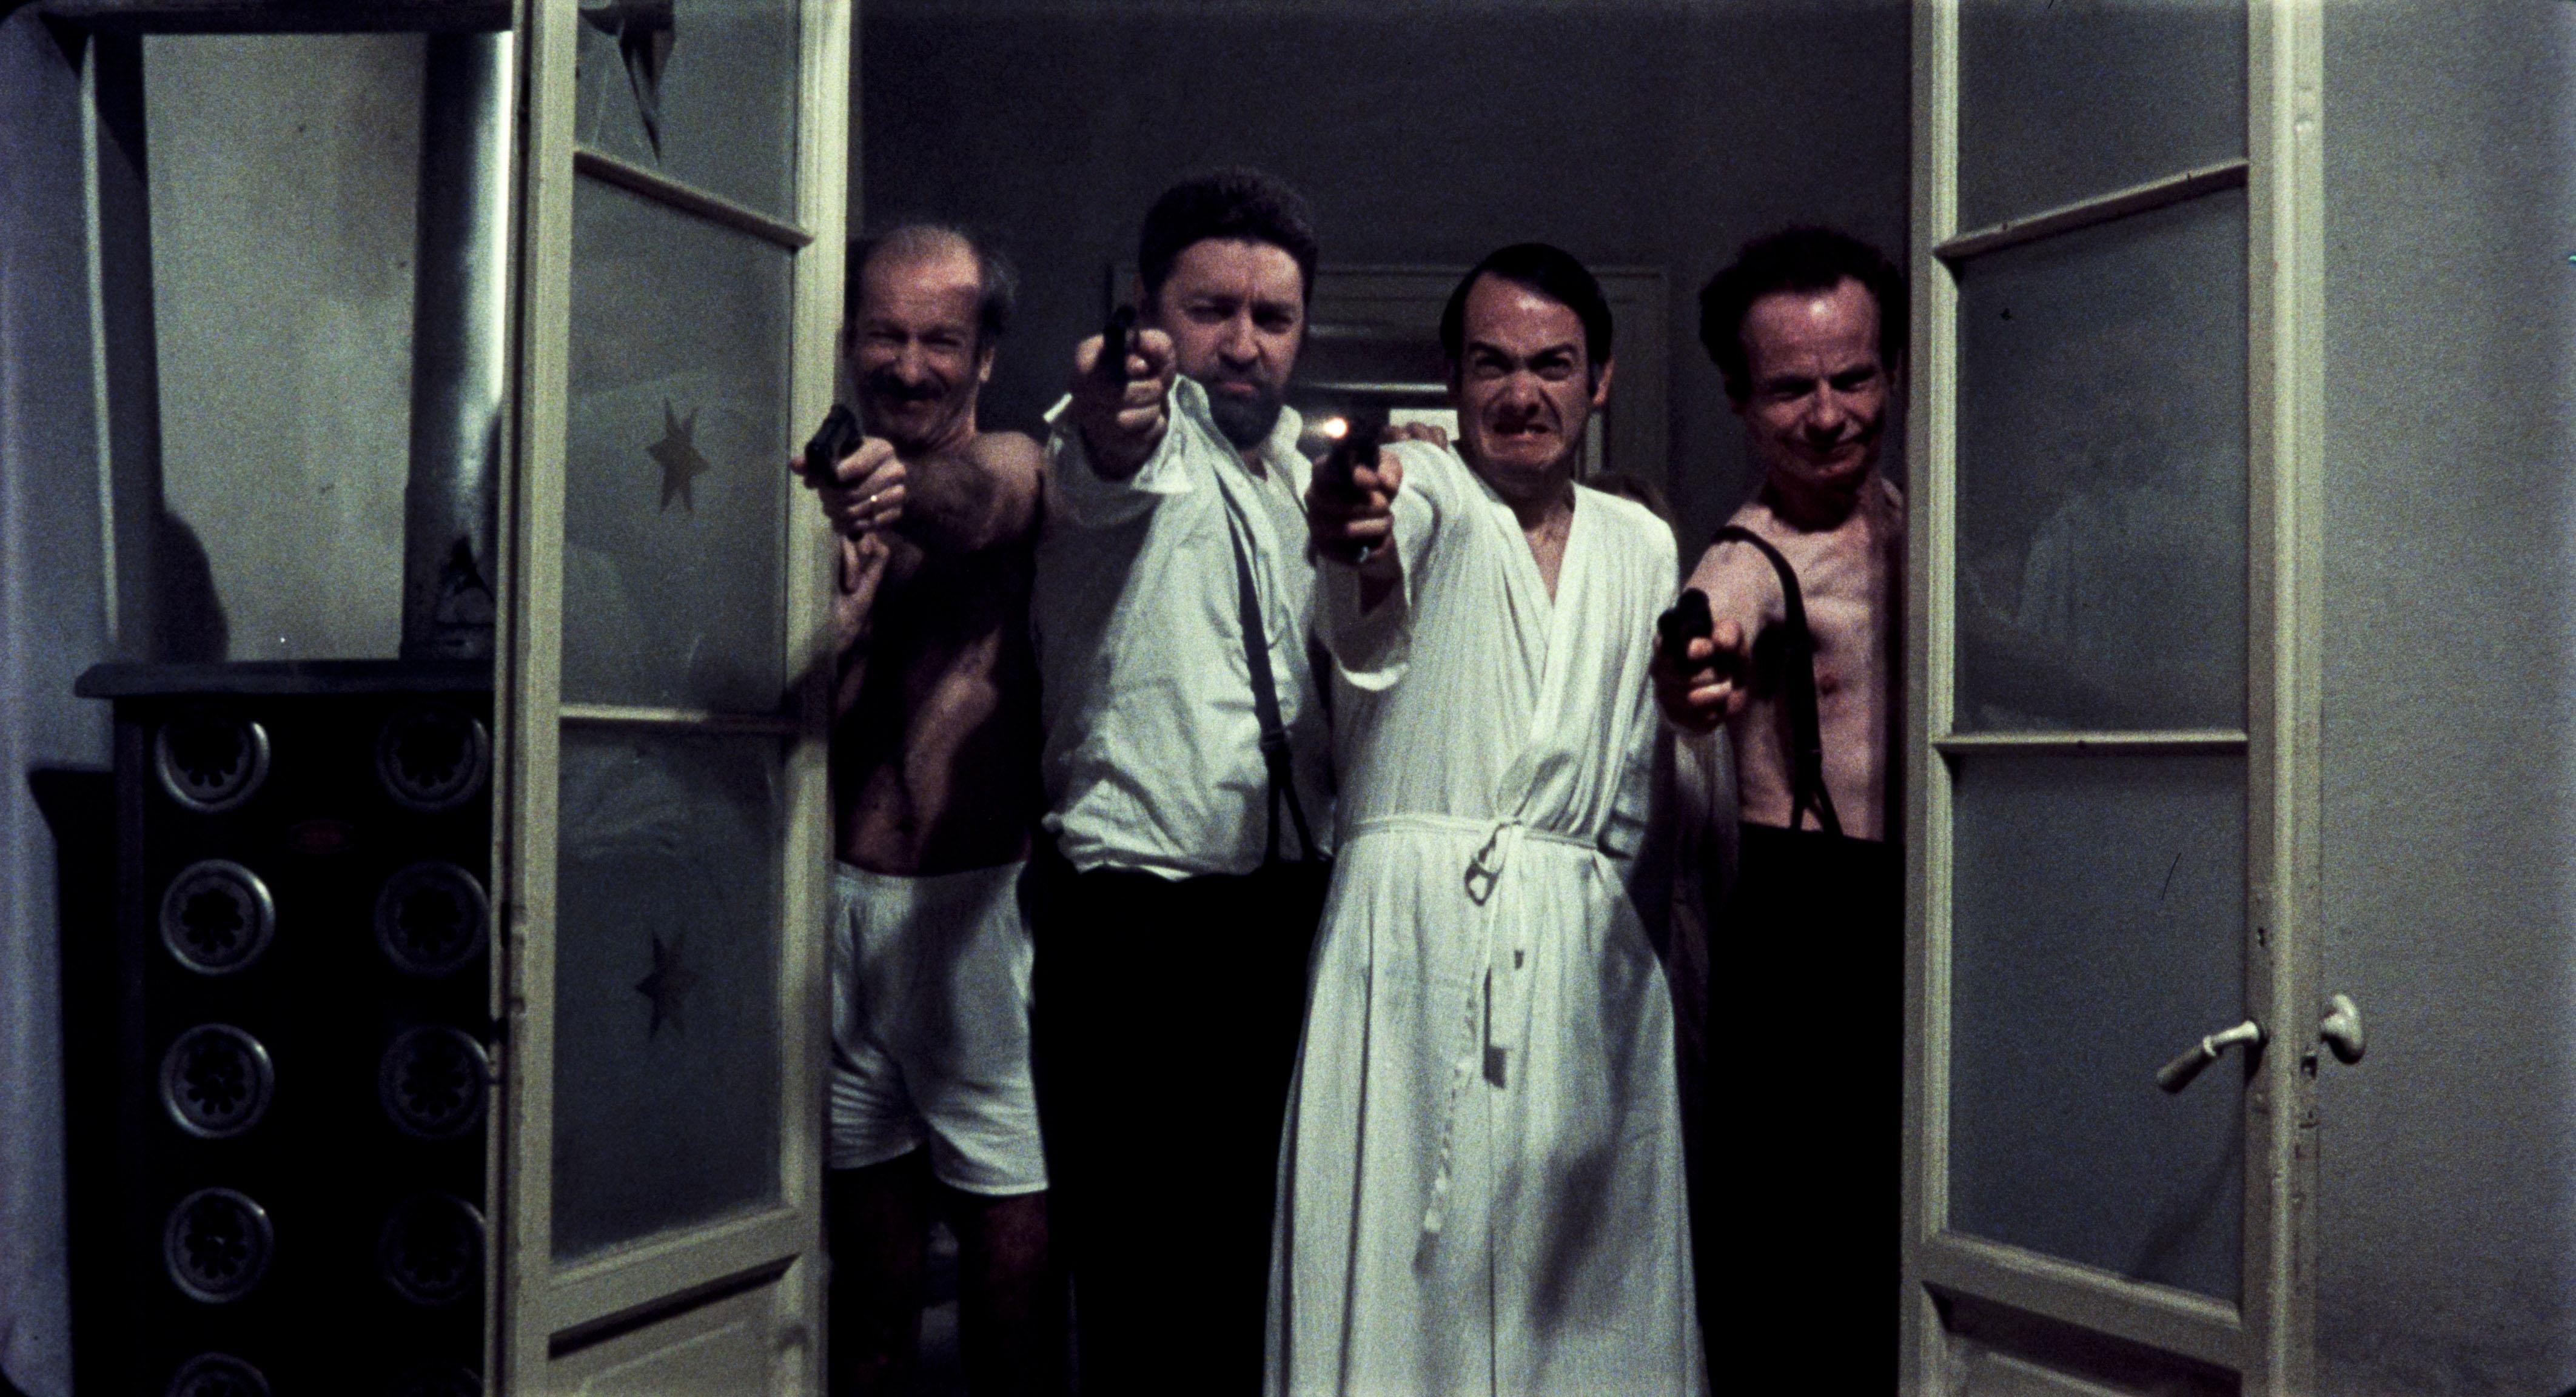 Paolo Bonacelli, Giorgio Cataldi, Uberto Paolo Quintavalle, and Aldo Valletti in Salò o le 120 giornate di Sodoma (1975)